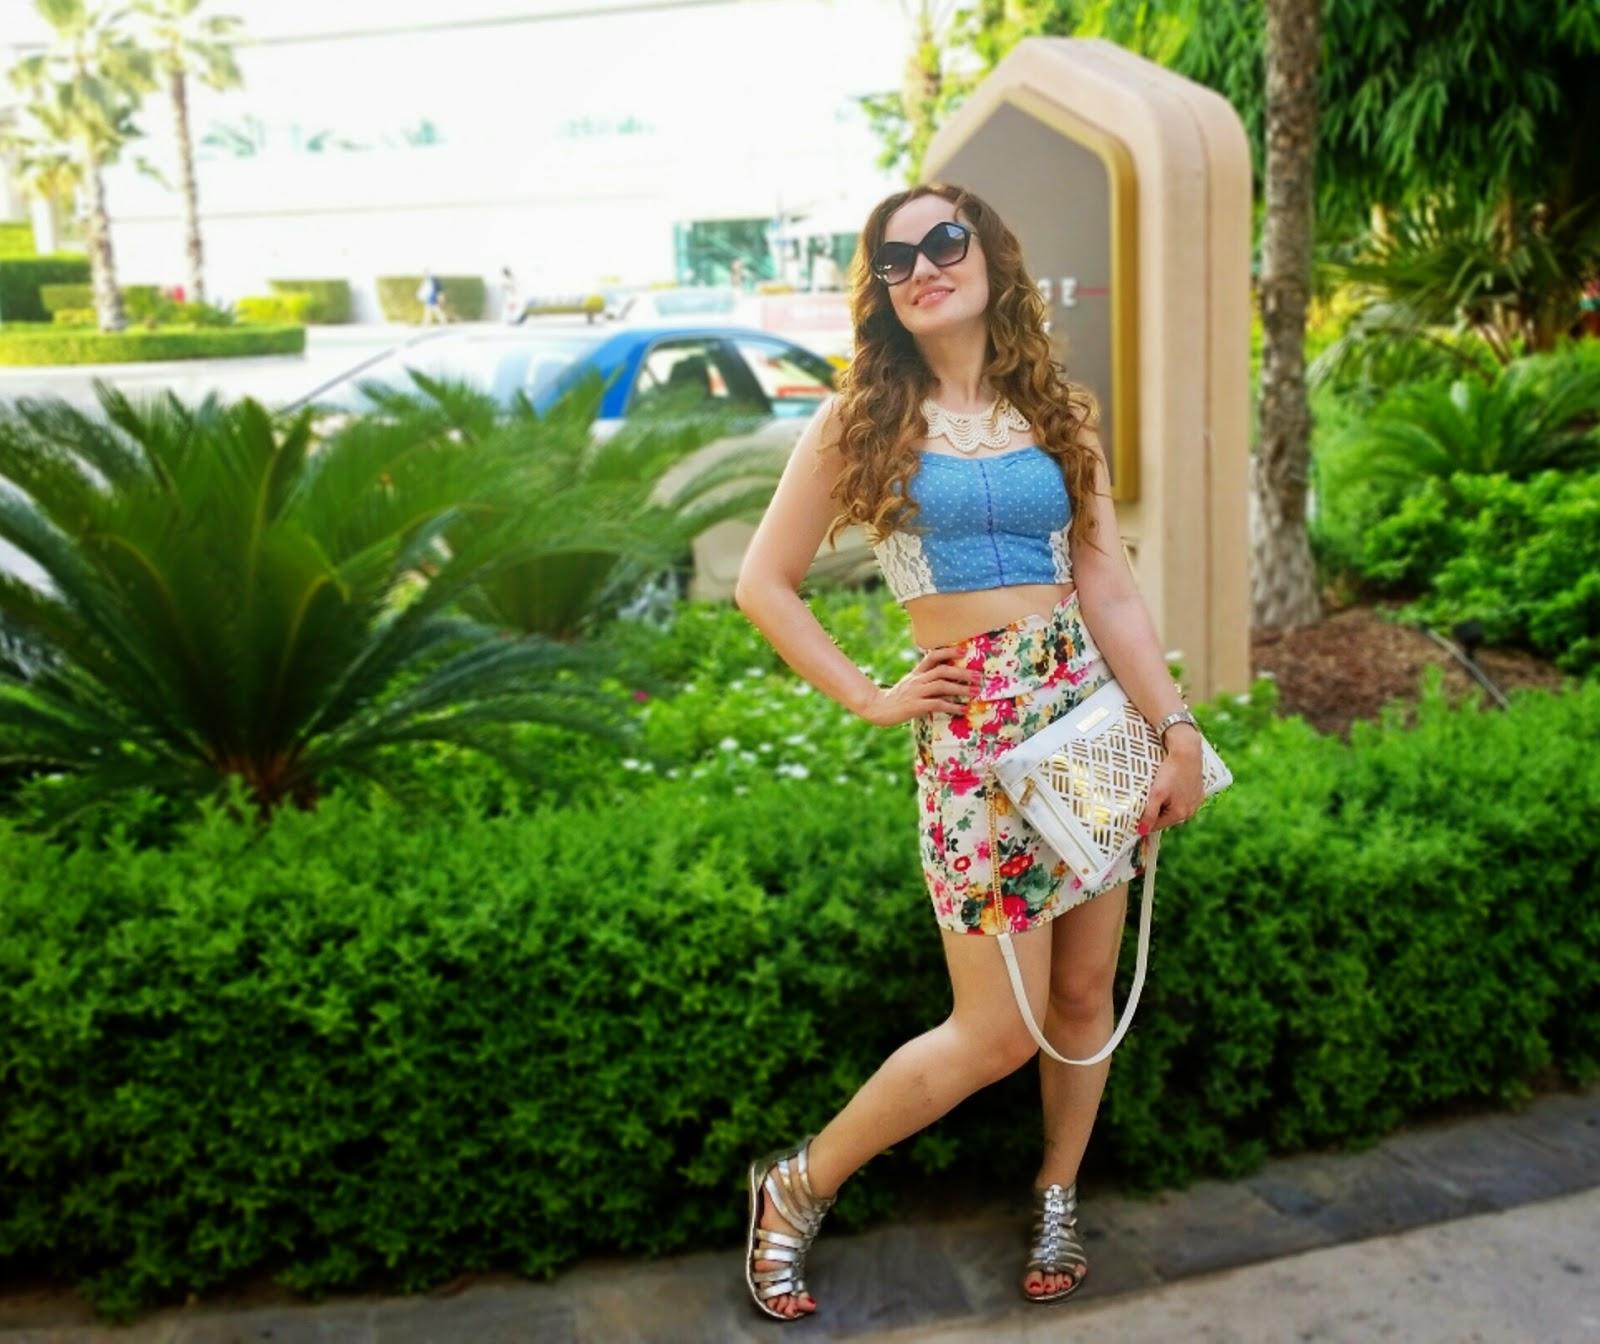 bralet & floral skirt 2